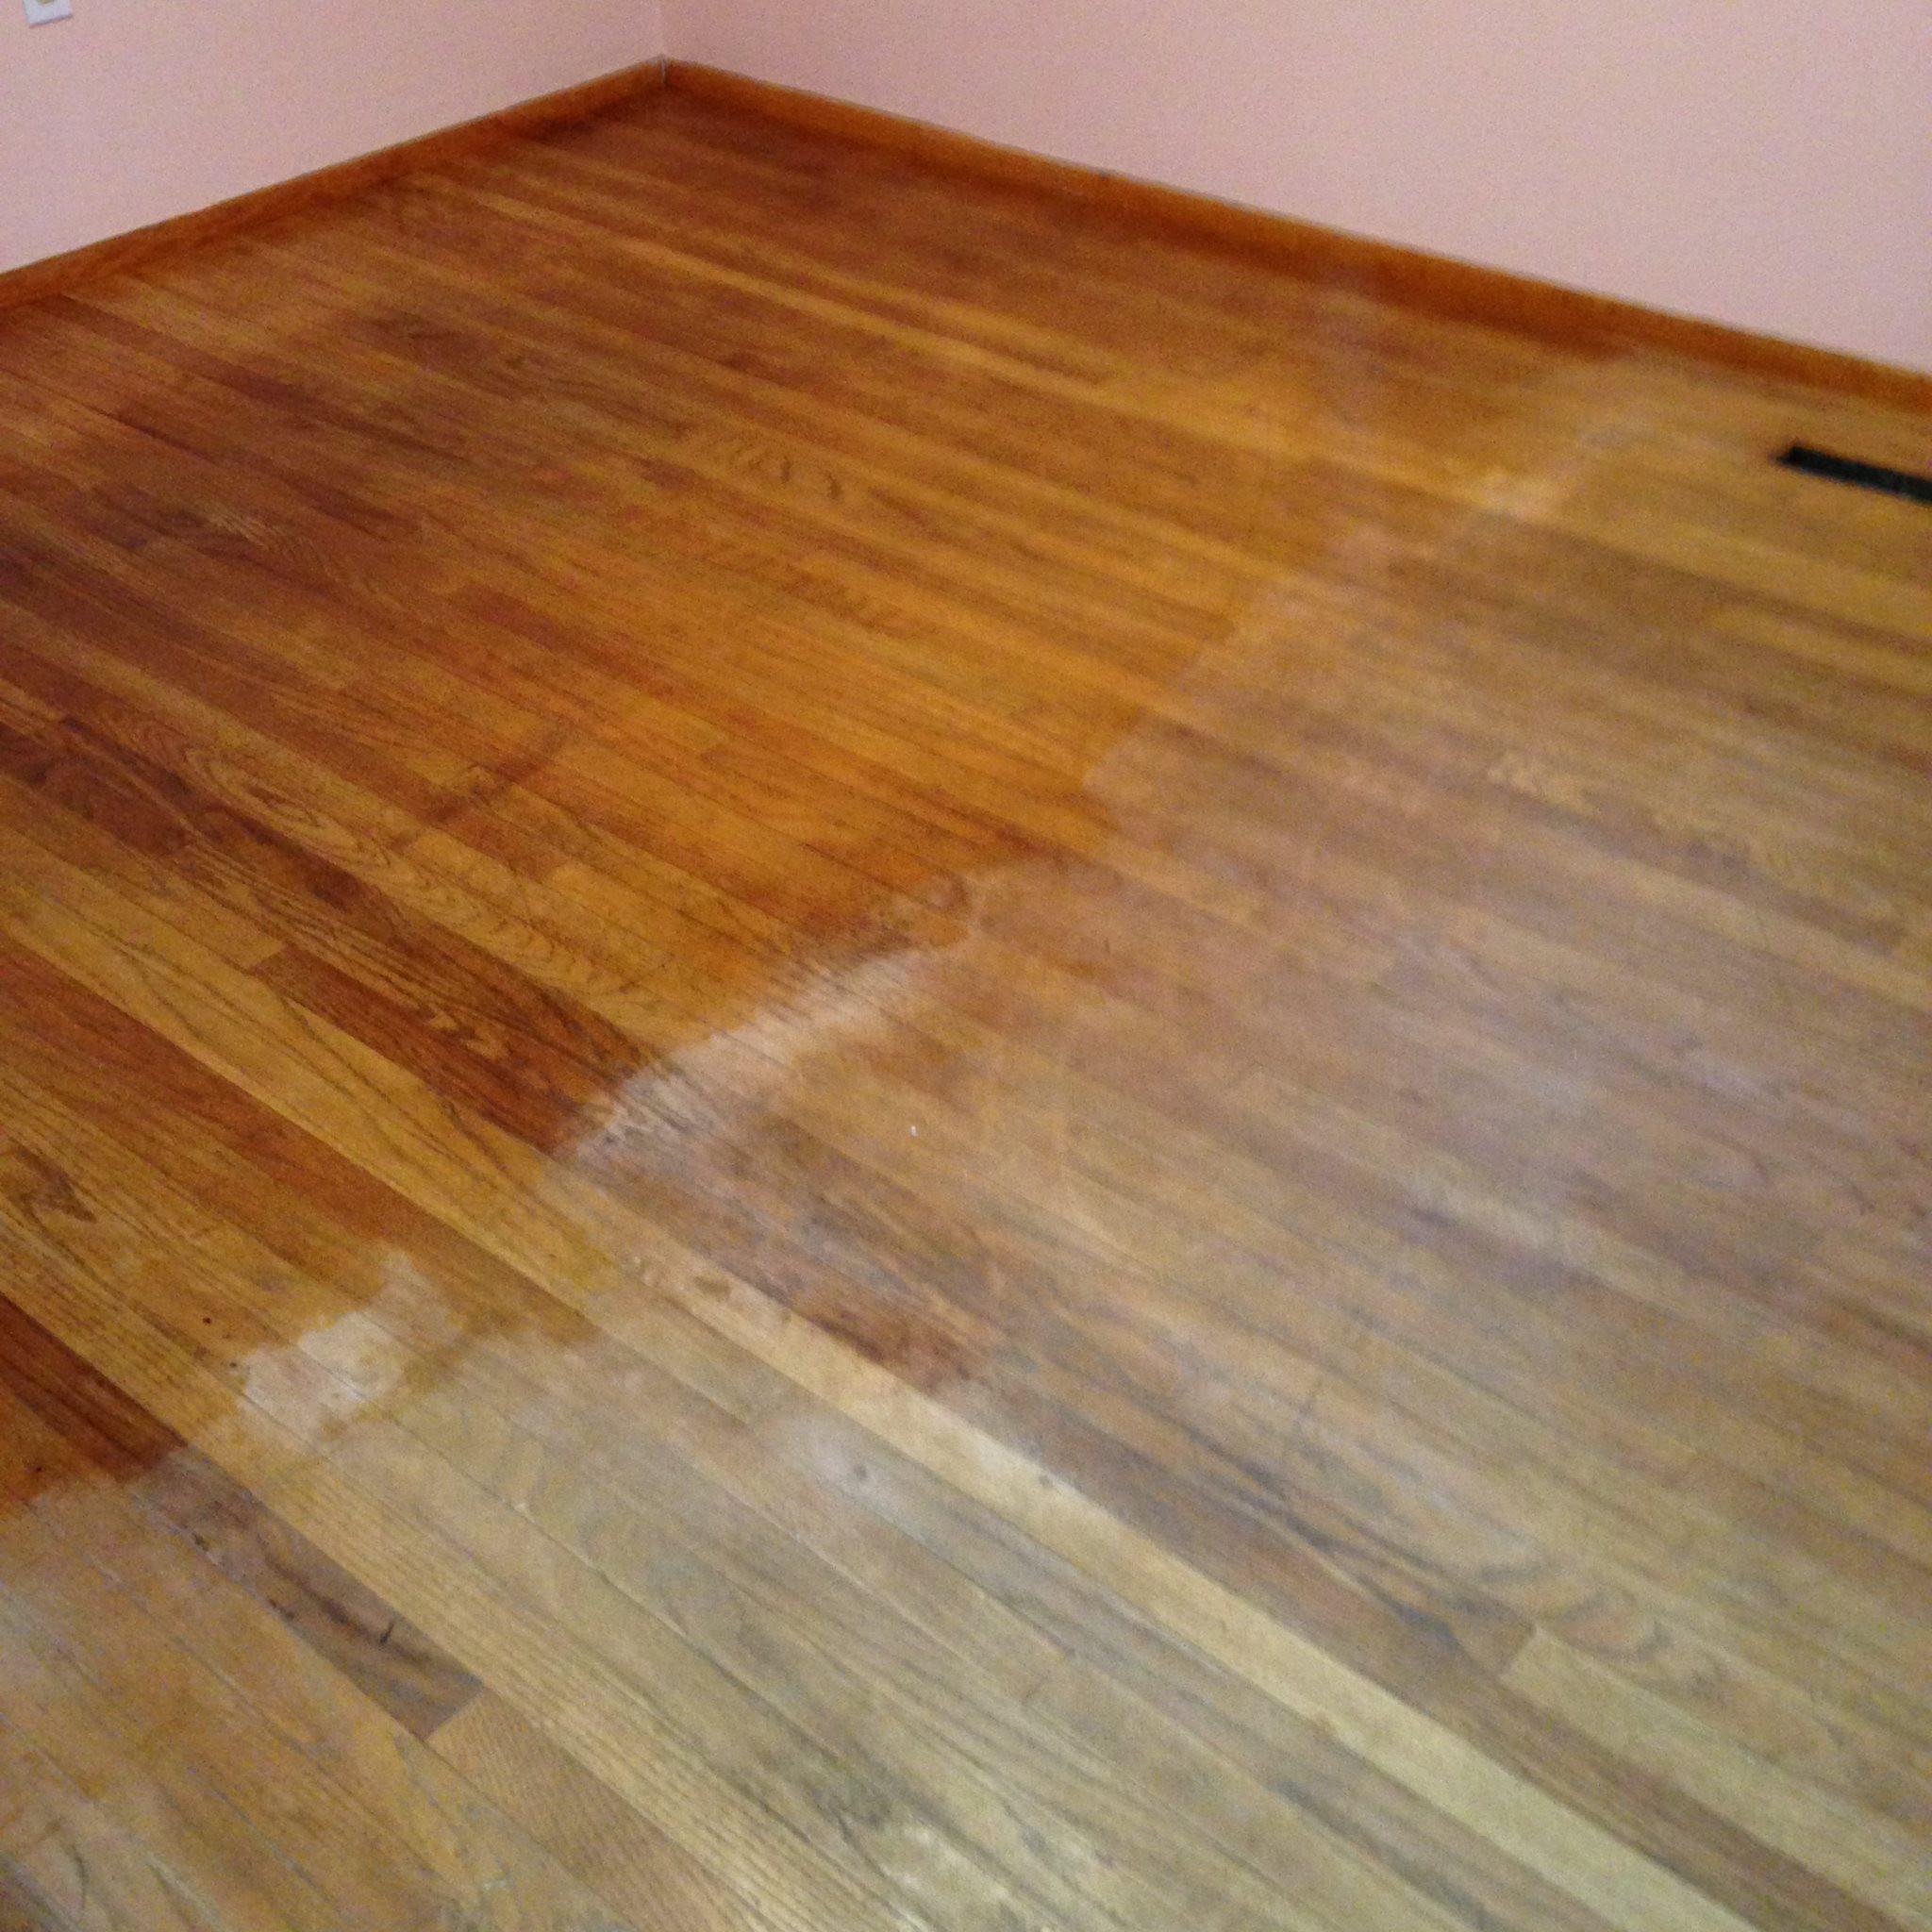 Wood Filler for Hardwood Floor Repair Of 15 Wood Floor Hacks Every Homeowner Needs to Know Inside Wood Floor Hacks 15